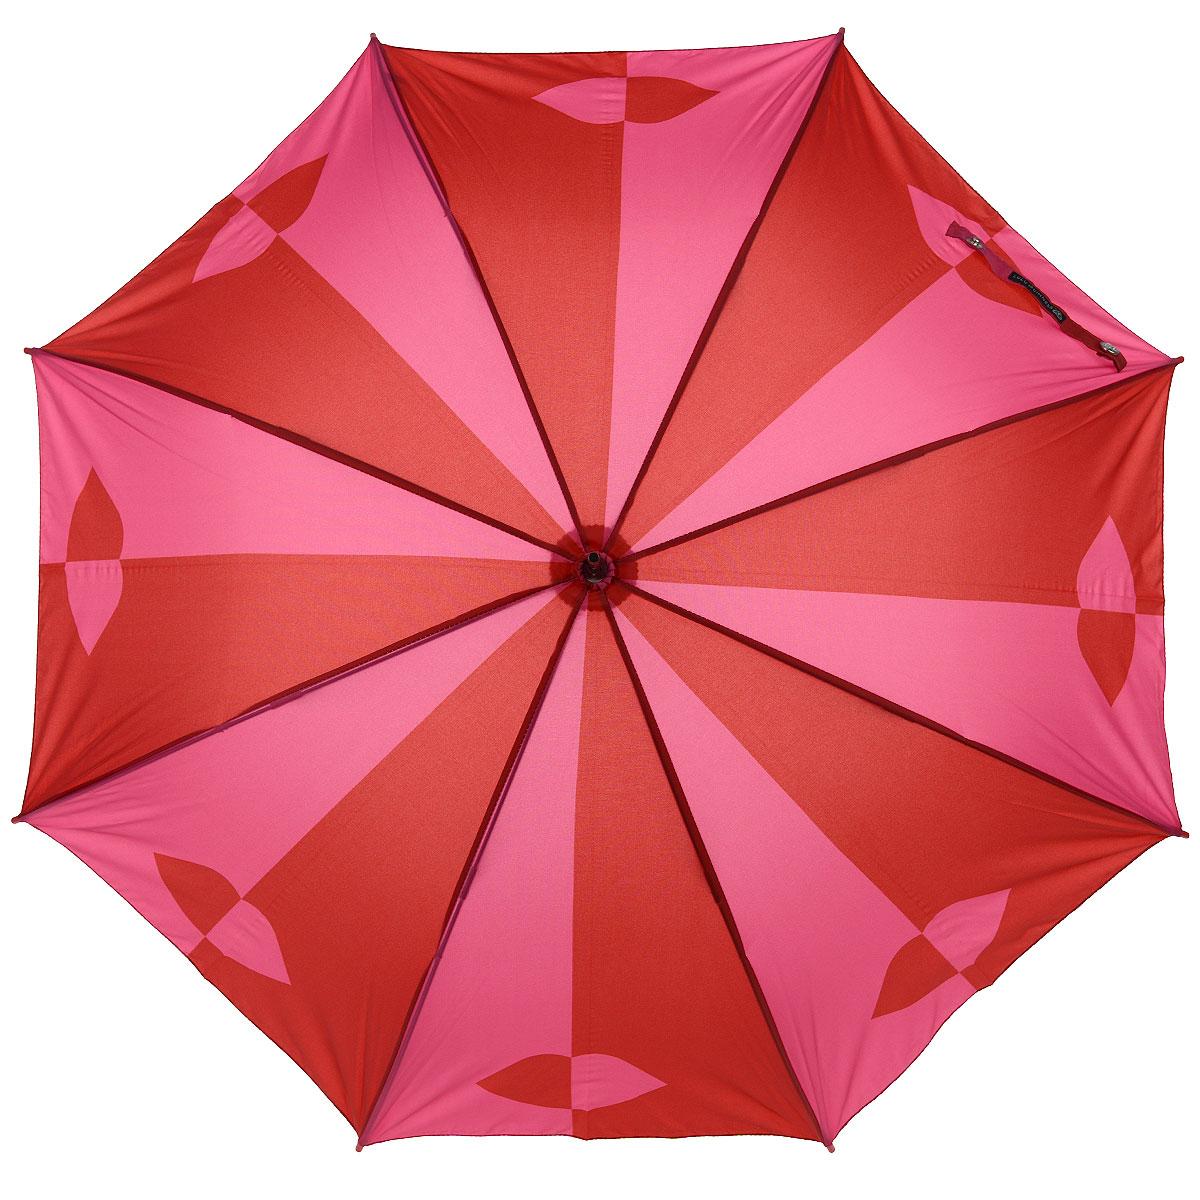 Зонт-трость женский Red Pink Lips, механический, цвет: красный, розовыйL 720 3F2678Стильный механический зонт-трость Red Pink Lips даже в ненастную погоду позволит вам оставаться элегантной. Каркас зонта выполнен из 8 спиц, стержень изготовлен из стали. Купол зонта выполнен из прочного полиэстера красно-розового цвета и оформлен принтом в виде губ. Рукоятка закругленной формы разработана с учетом требований эргономики и выполнена из пластика. Зонт имеет механический тип сложения: купол открывается и закрывается вручную до характерного щелчка. Такой зонт не только надежно защитит вас от дождя, но и станет стильным аксессуаром.